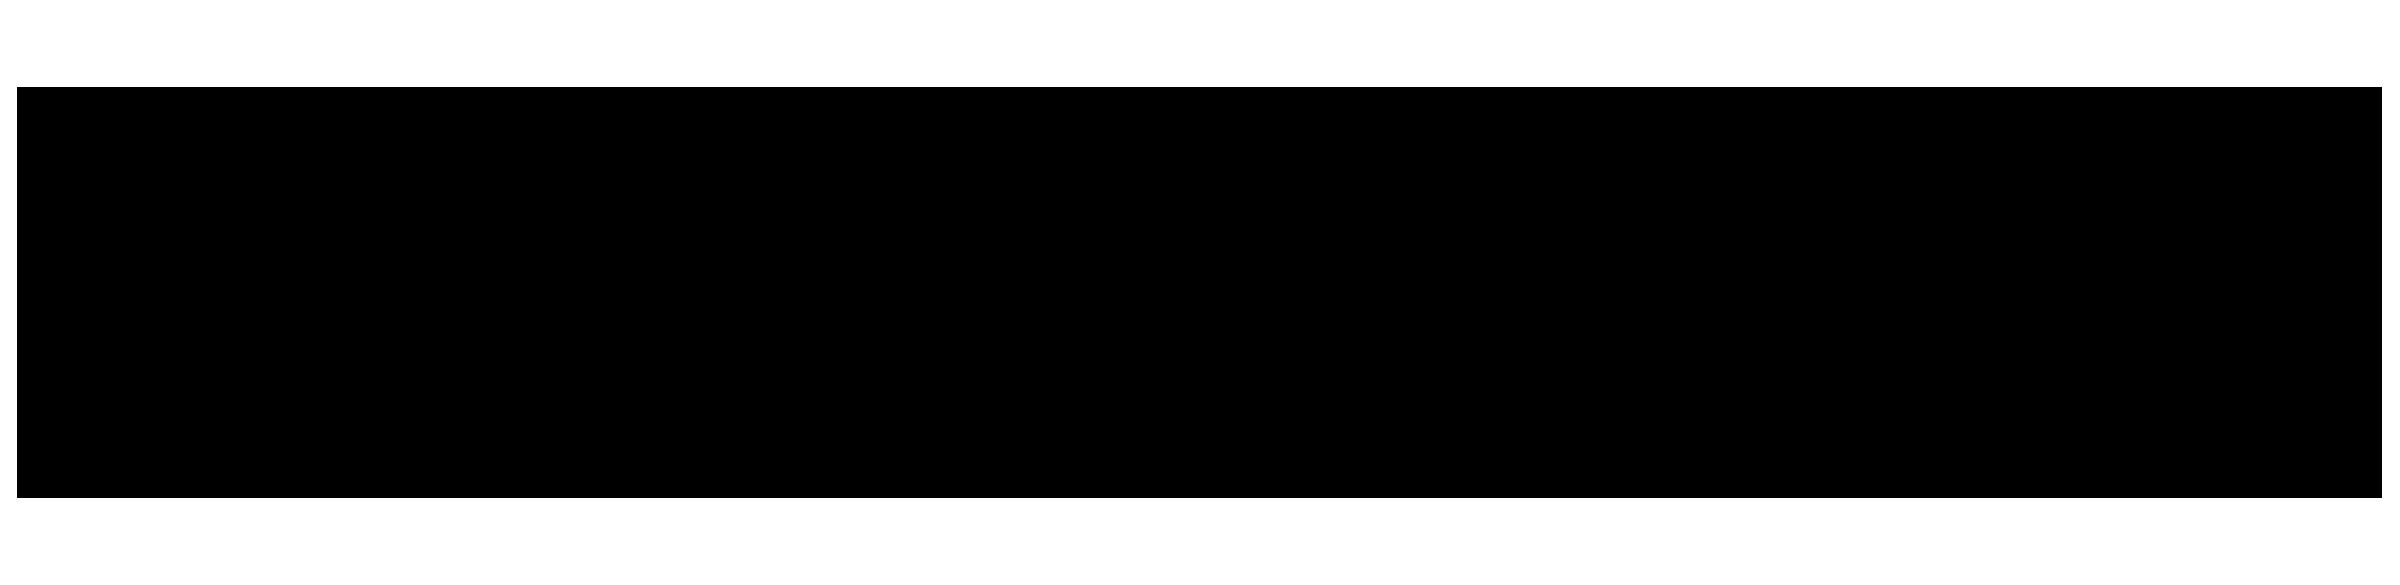 Ski Aluflex 188